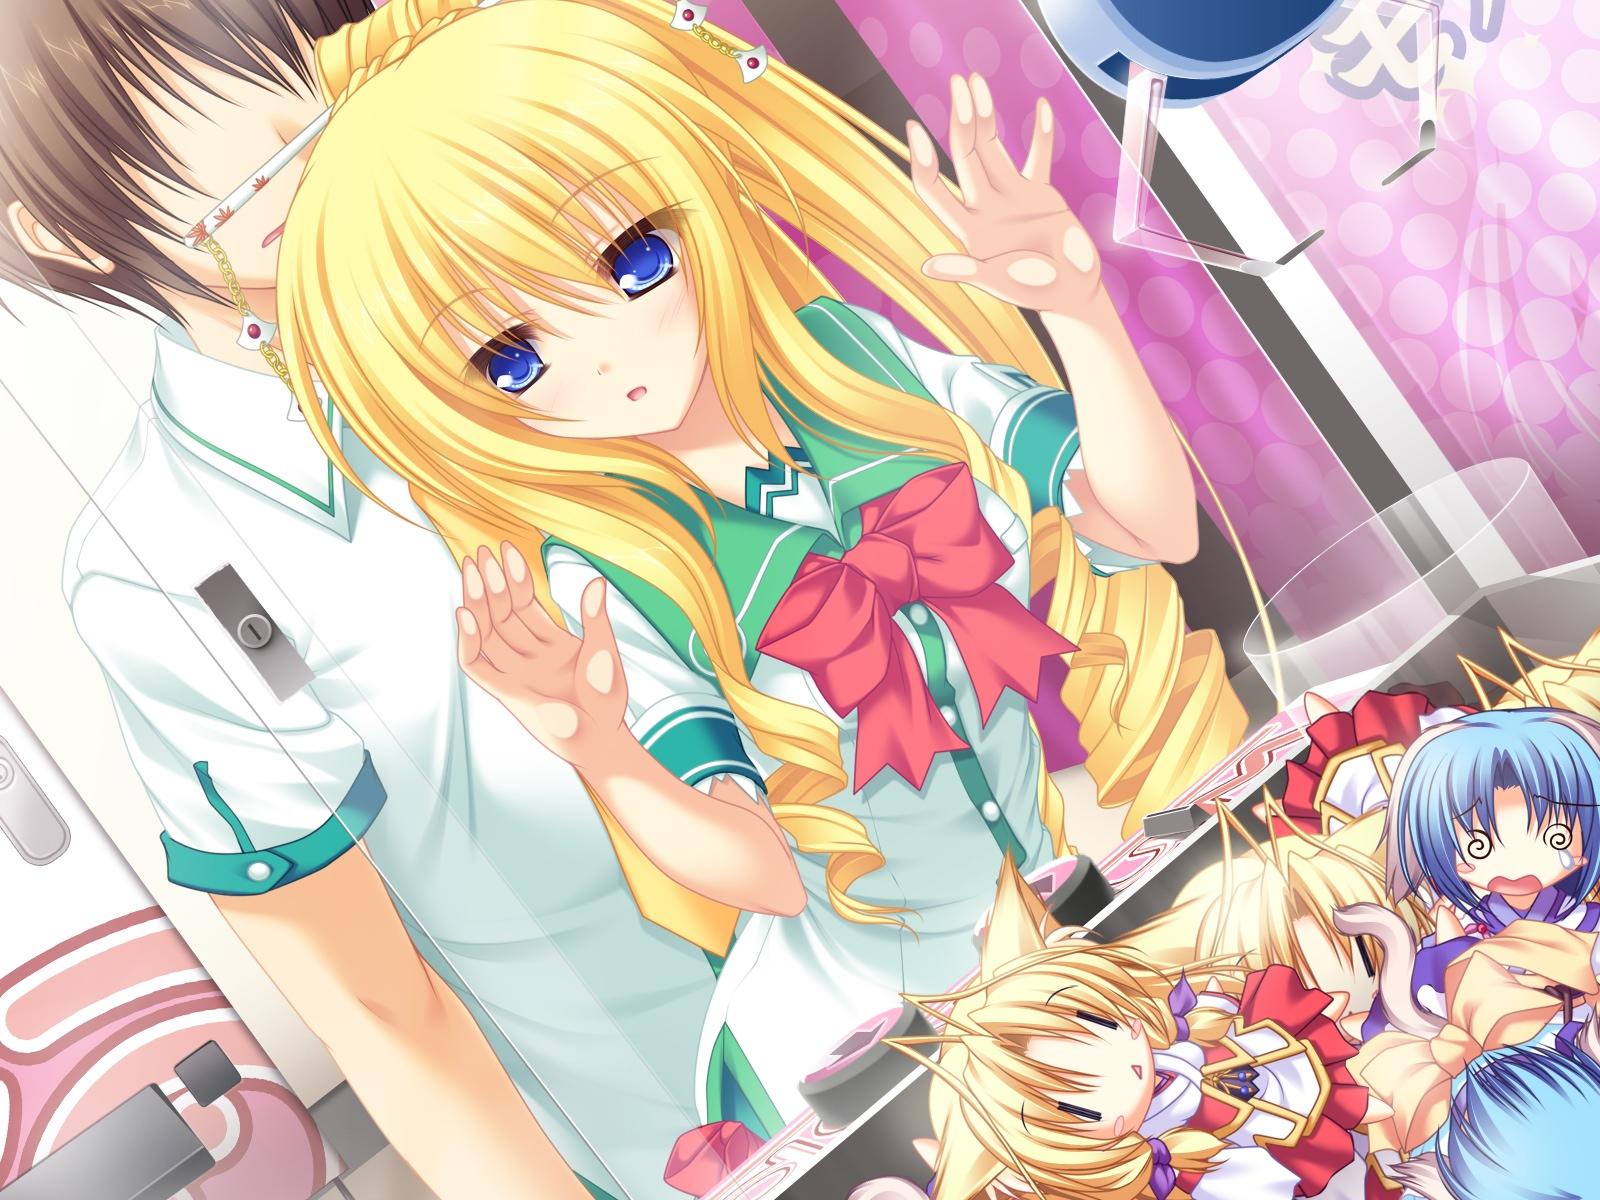 Anime-anime-31855398-1600-1200.jpg